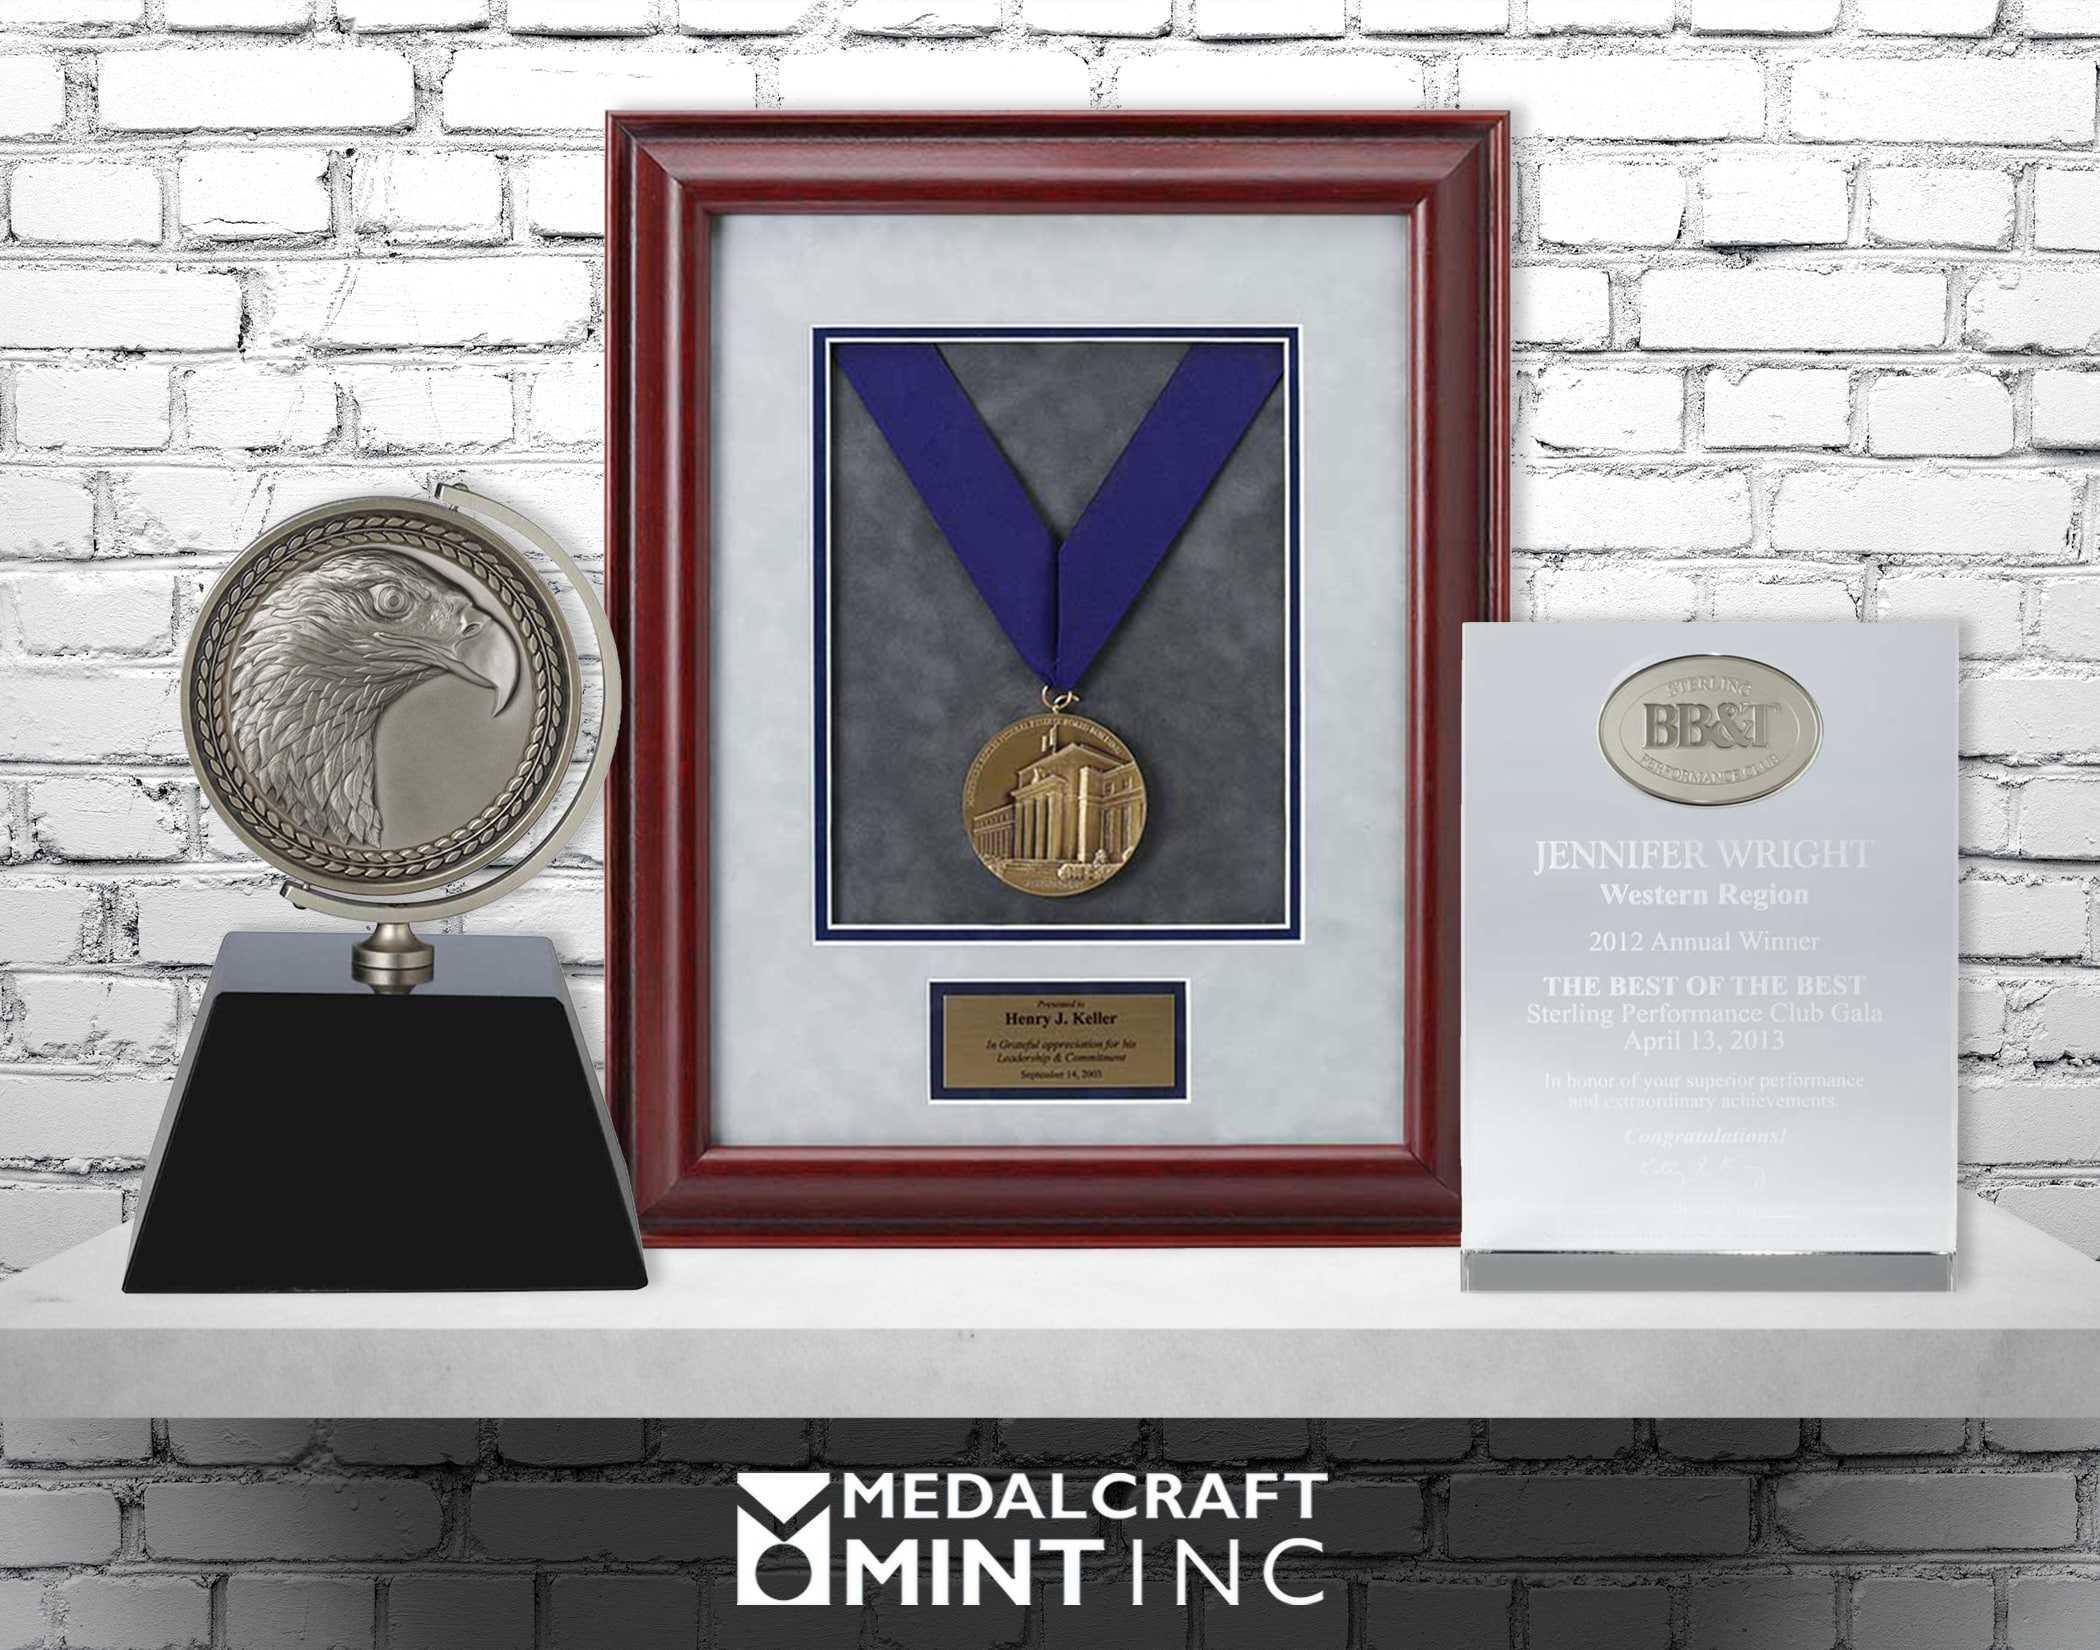 Medalcraft Mint employee awards